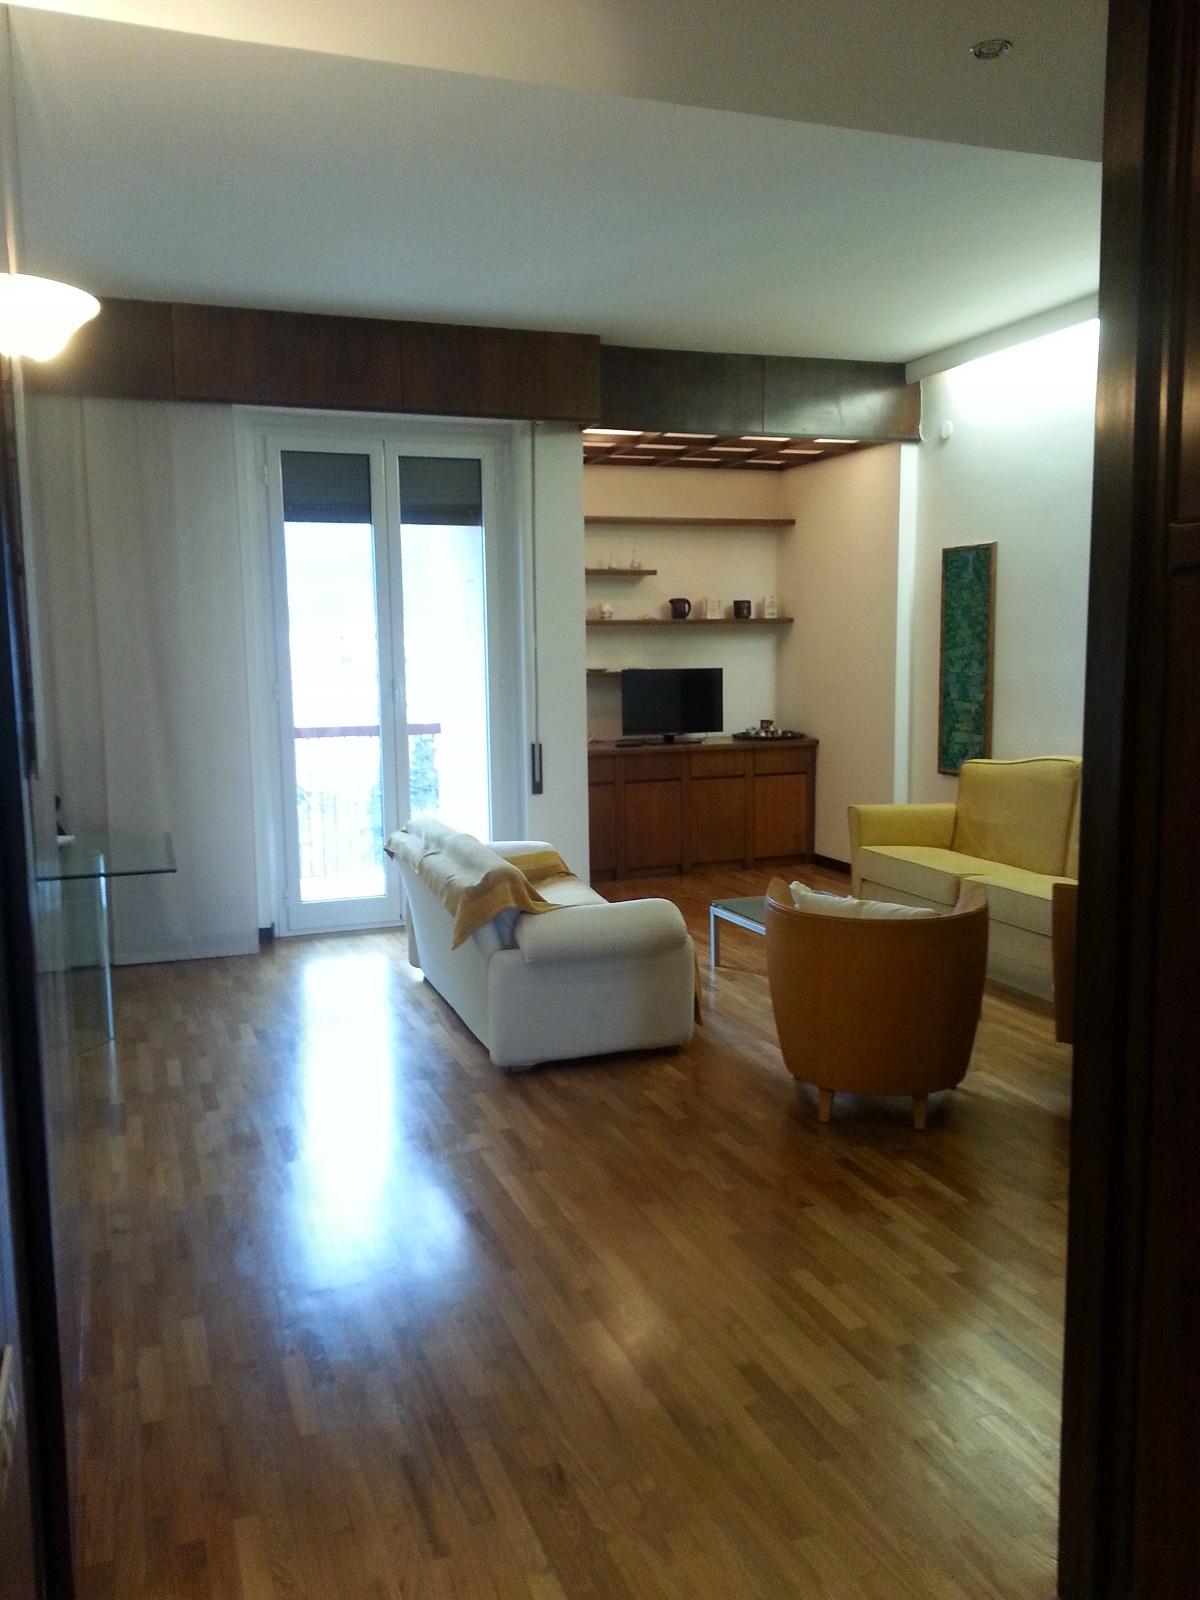 5 posti letto vista mare zona ospedale molo italia for Piani casa molo